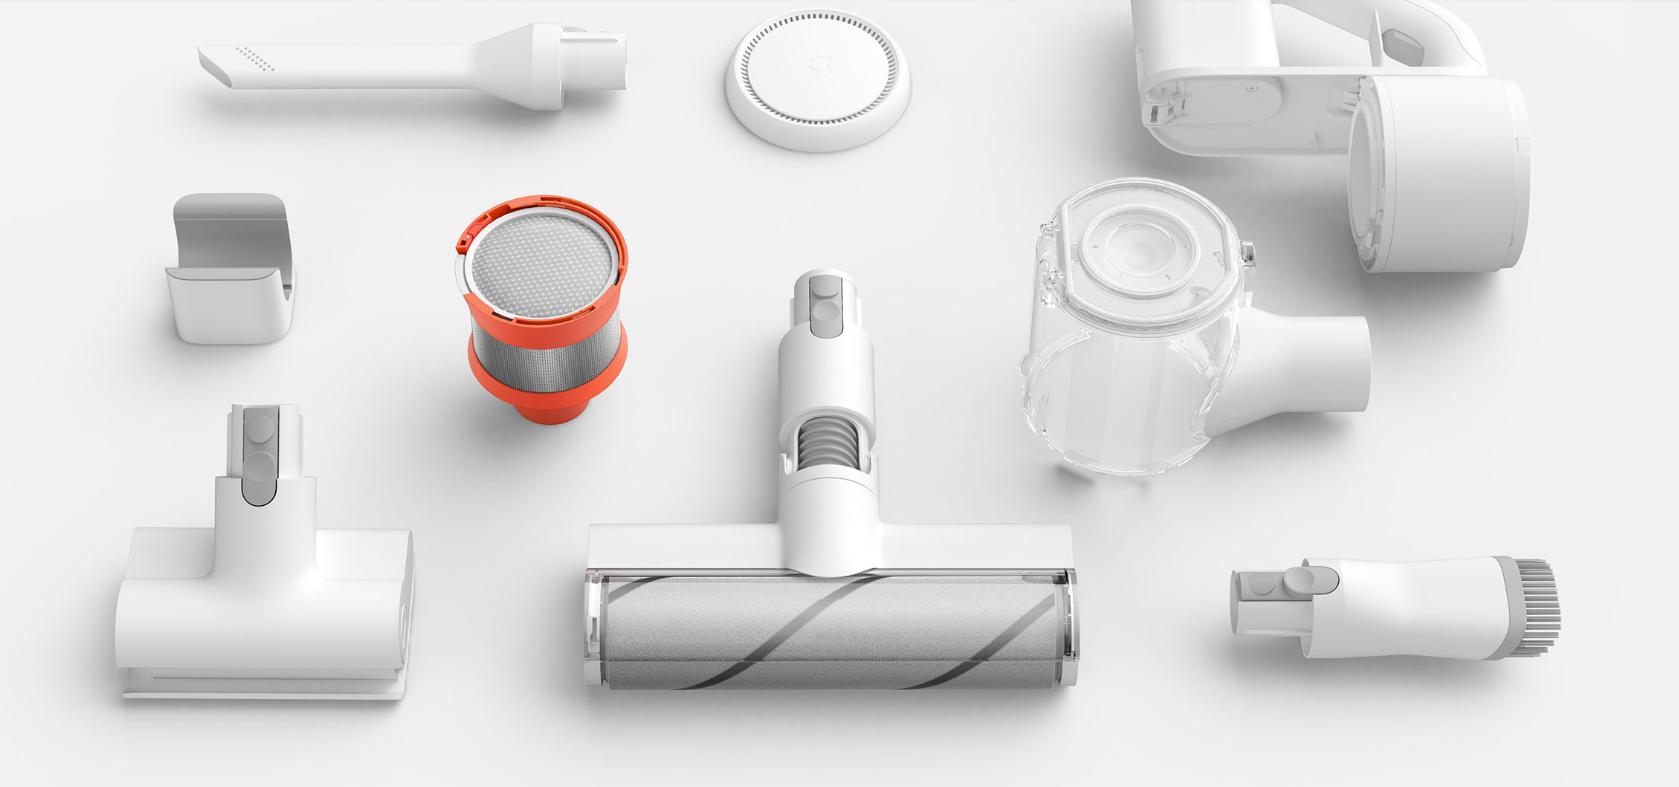 La aspiradora inalámbrica de Xiaomi llegará a Europa. Noticias Xiaomi Adictos